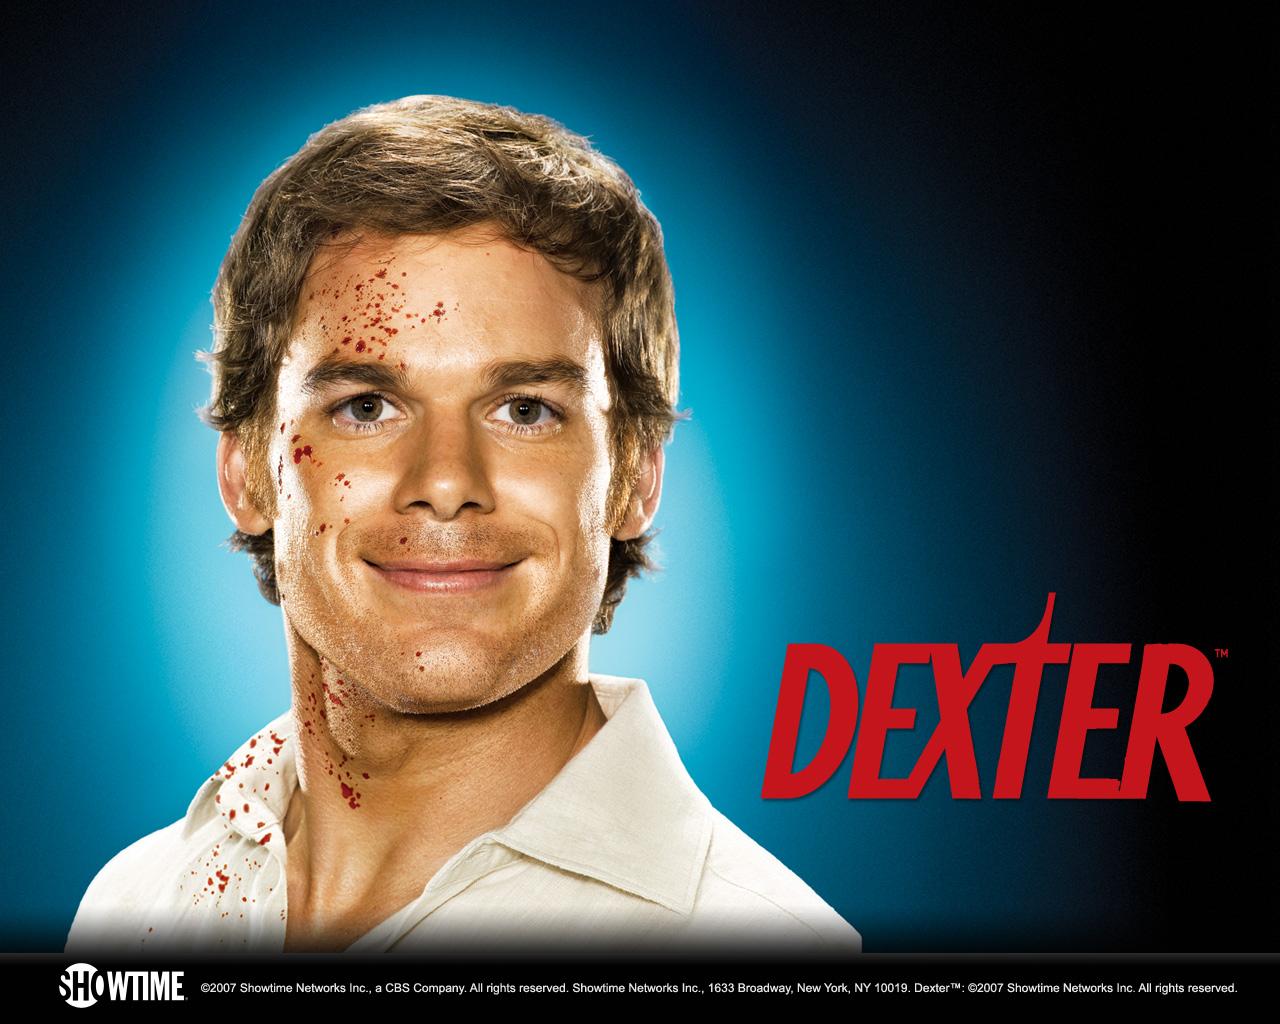 Dexter 10